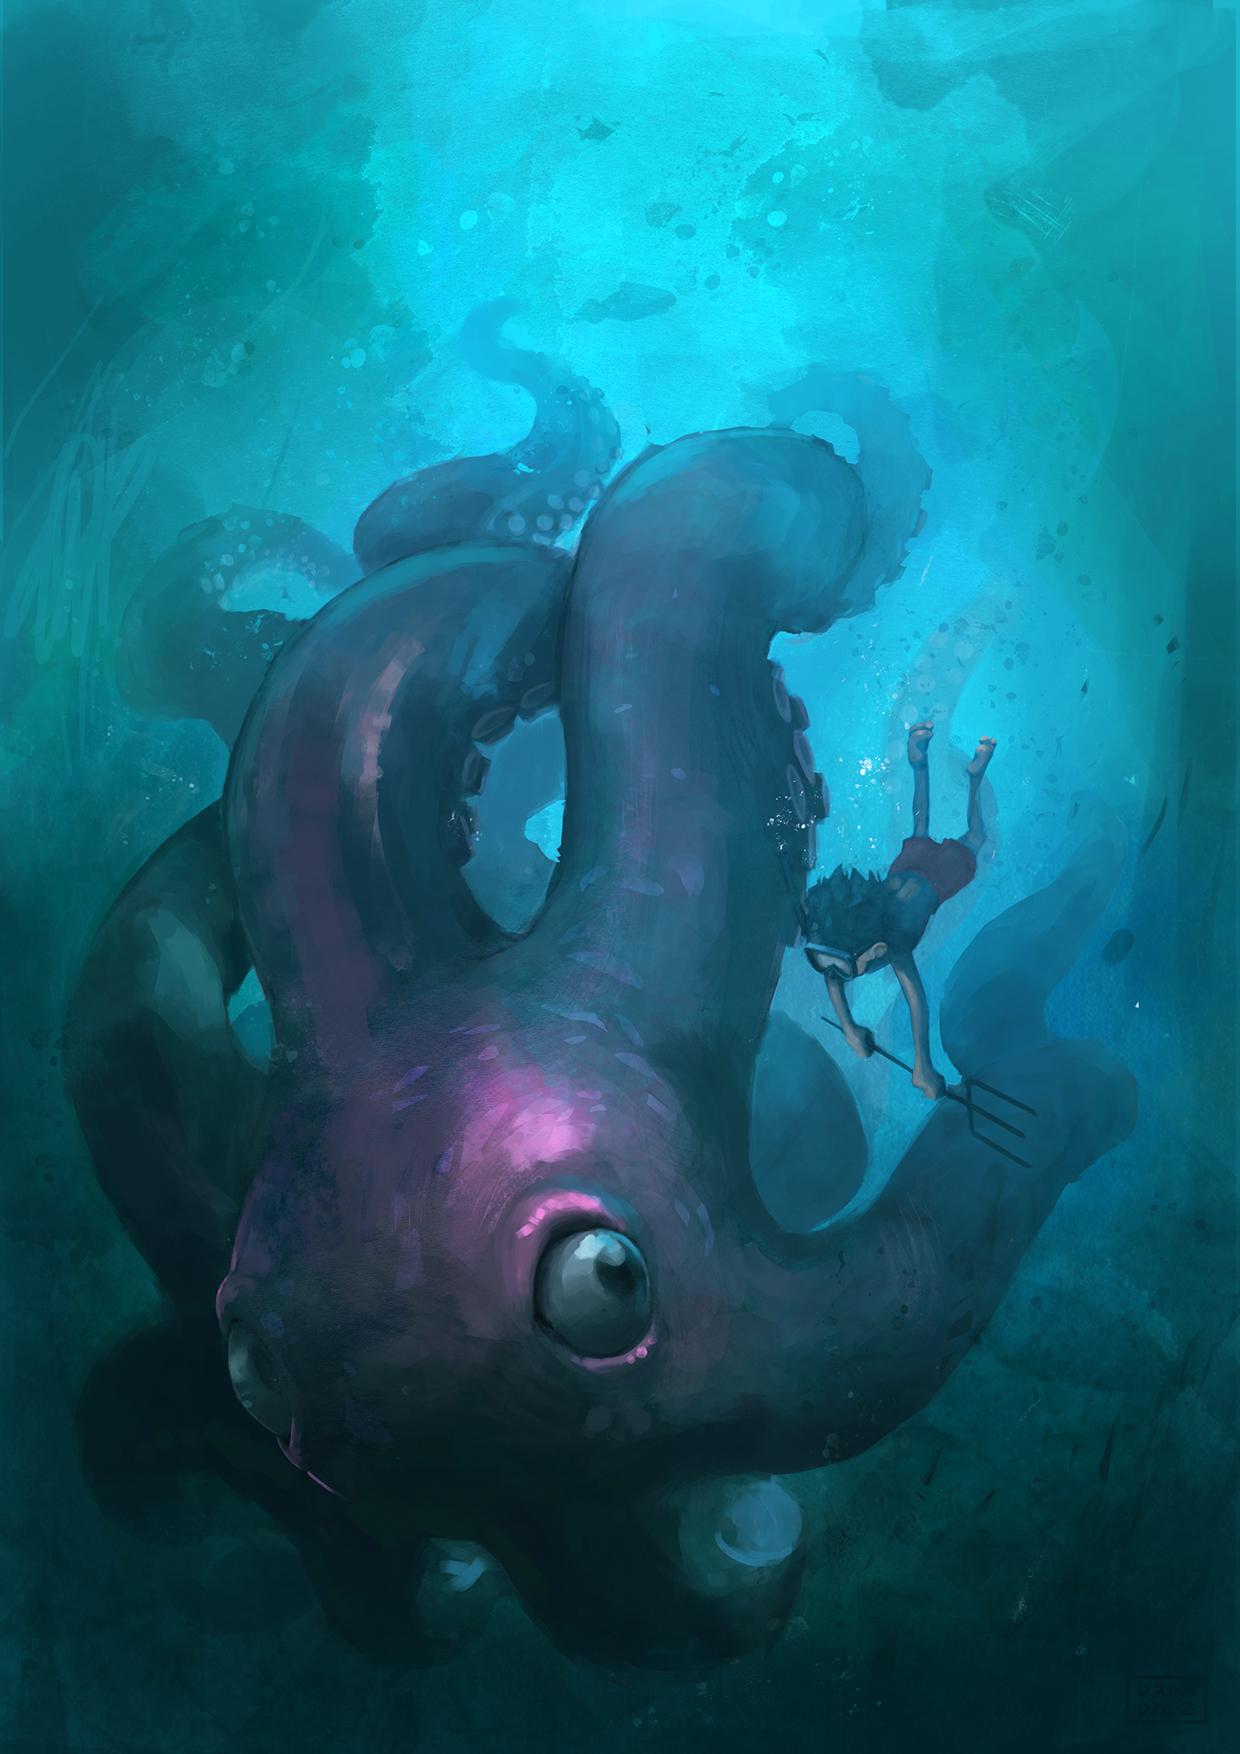 Octopus on